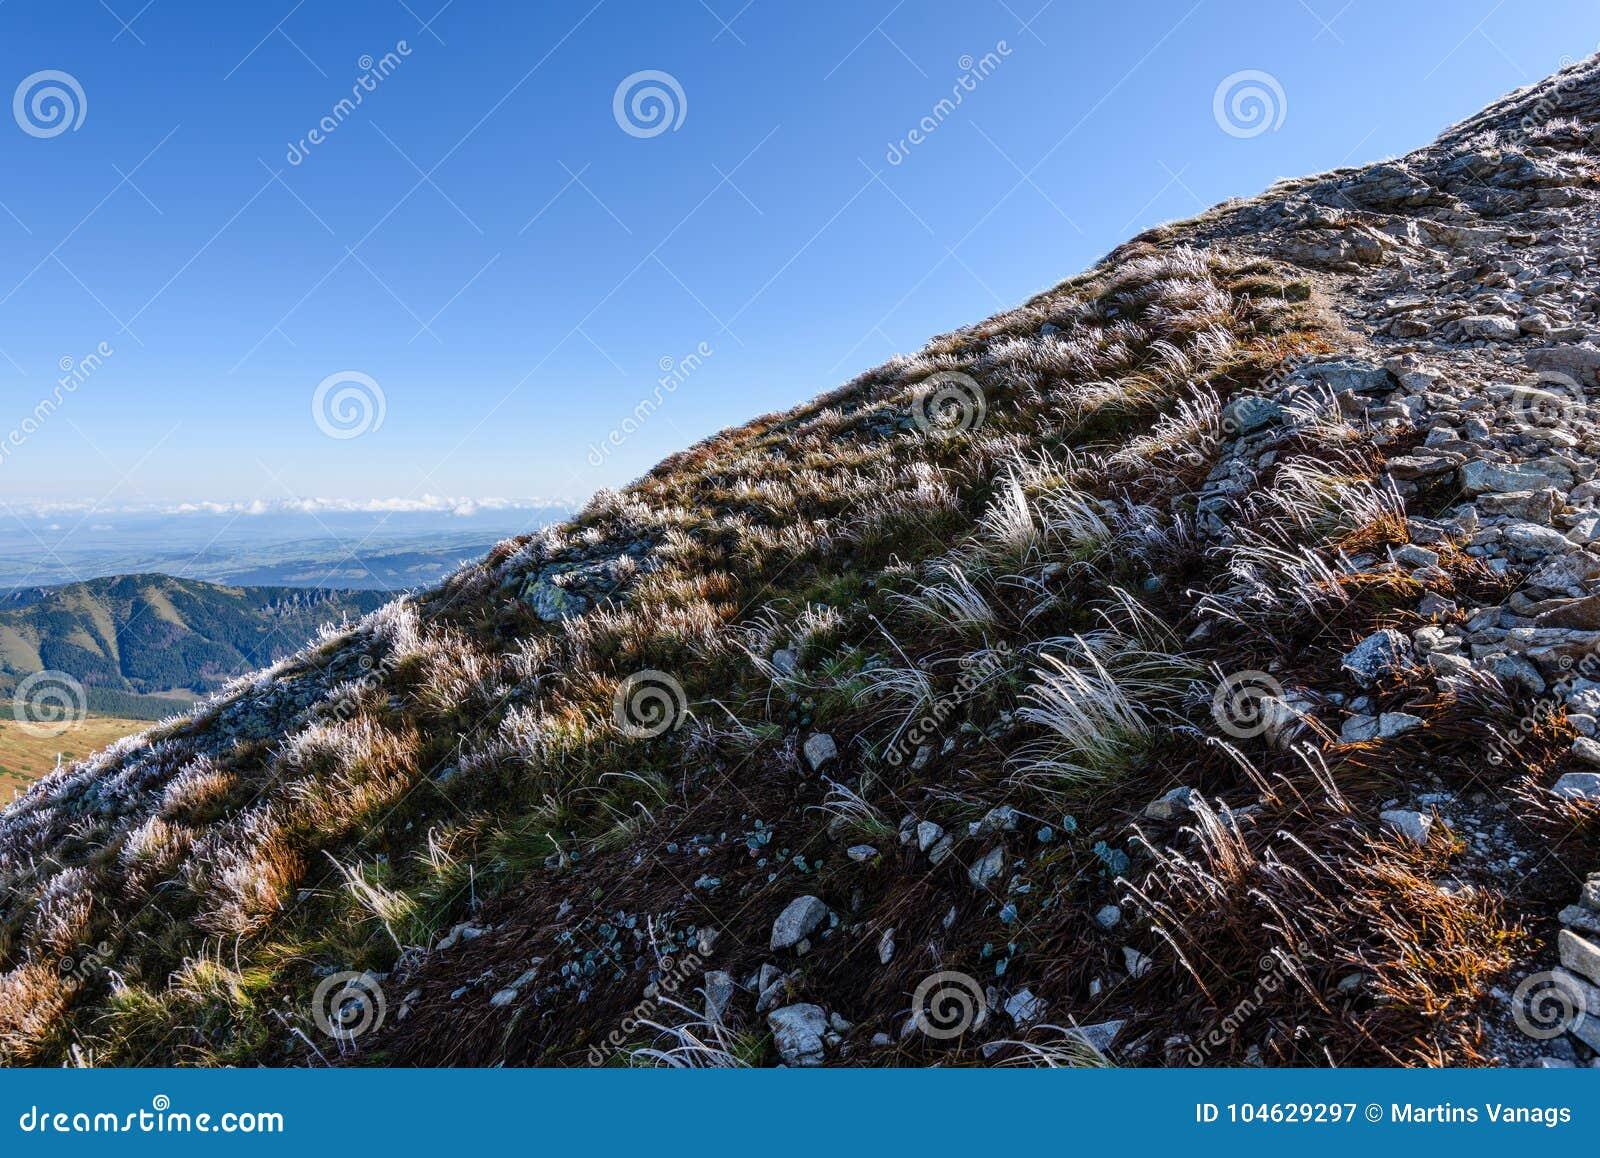 Download De Rotsachtige Mening Van Het Berg Piekgebied In Slowakije Stock Afbeelding - Afbeelding bestaande uit park, schaduw: 104629297